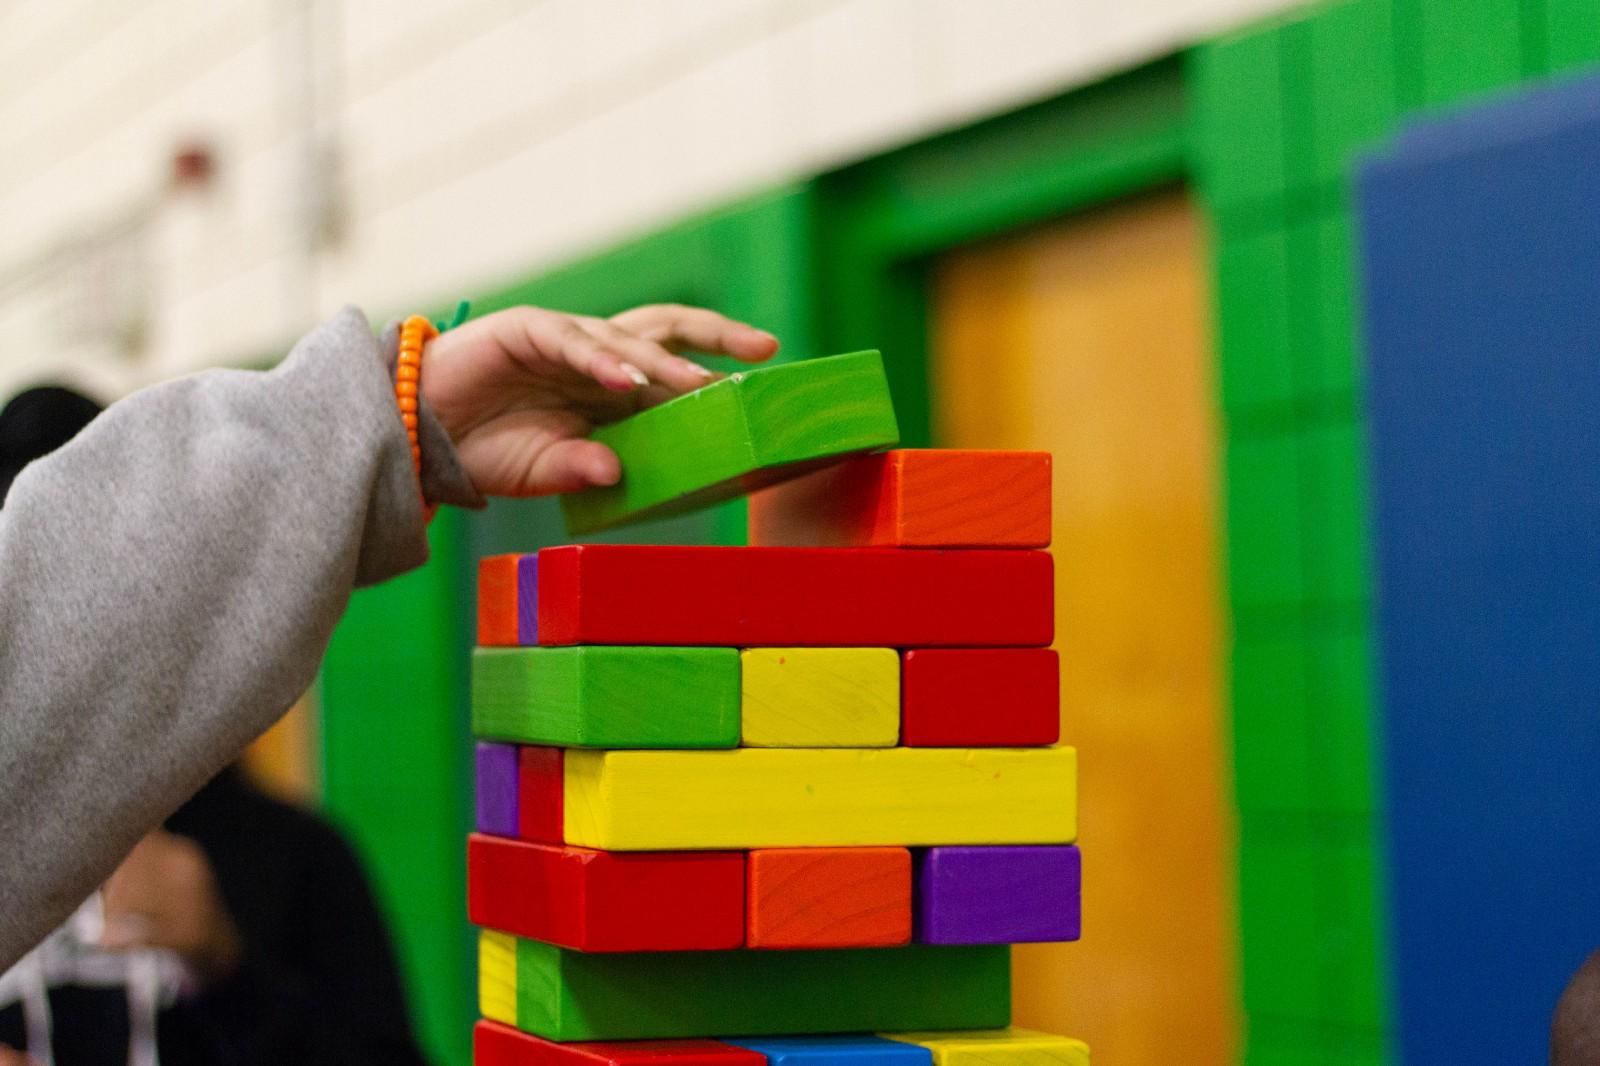 基础概念是构建你职业生涯的砖块